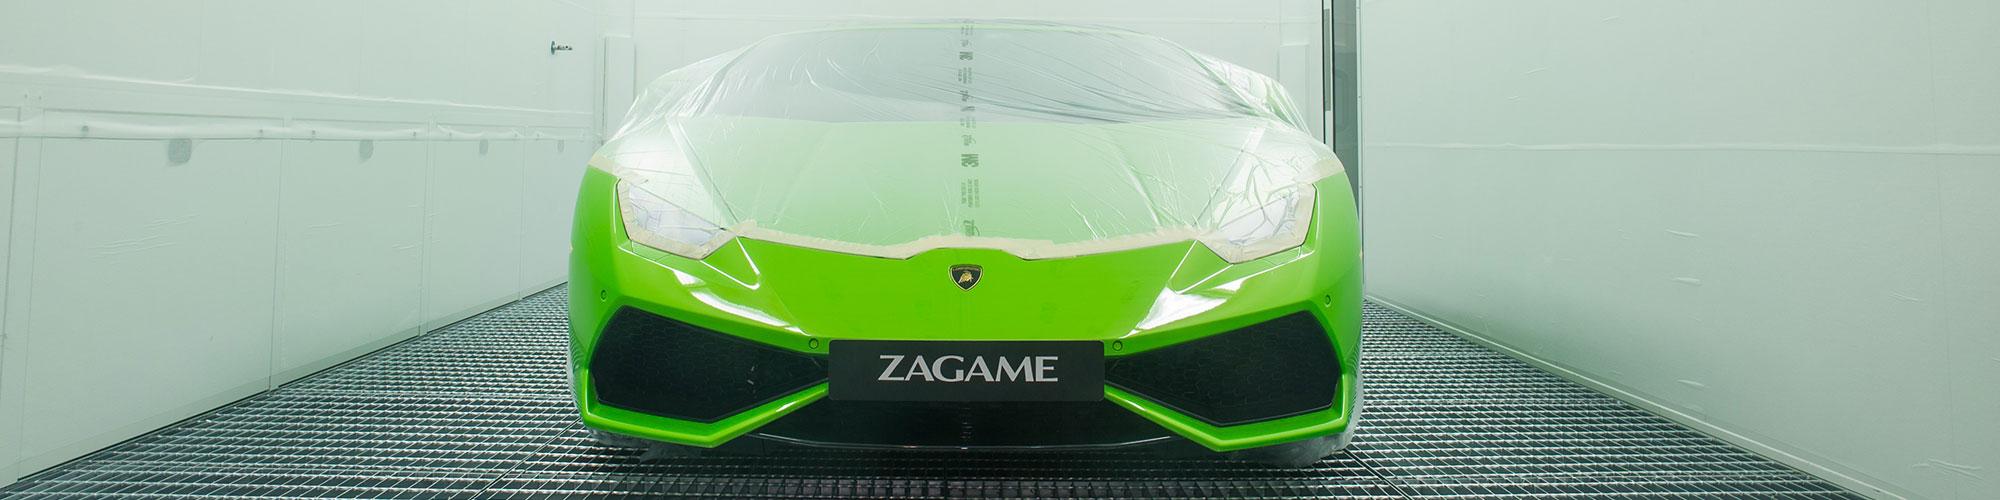 Zagame Autobody Victoria S Lamborghini Approved Panel Repairer